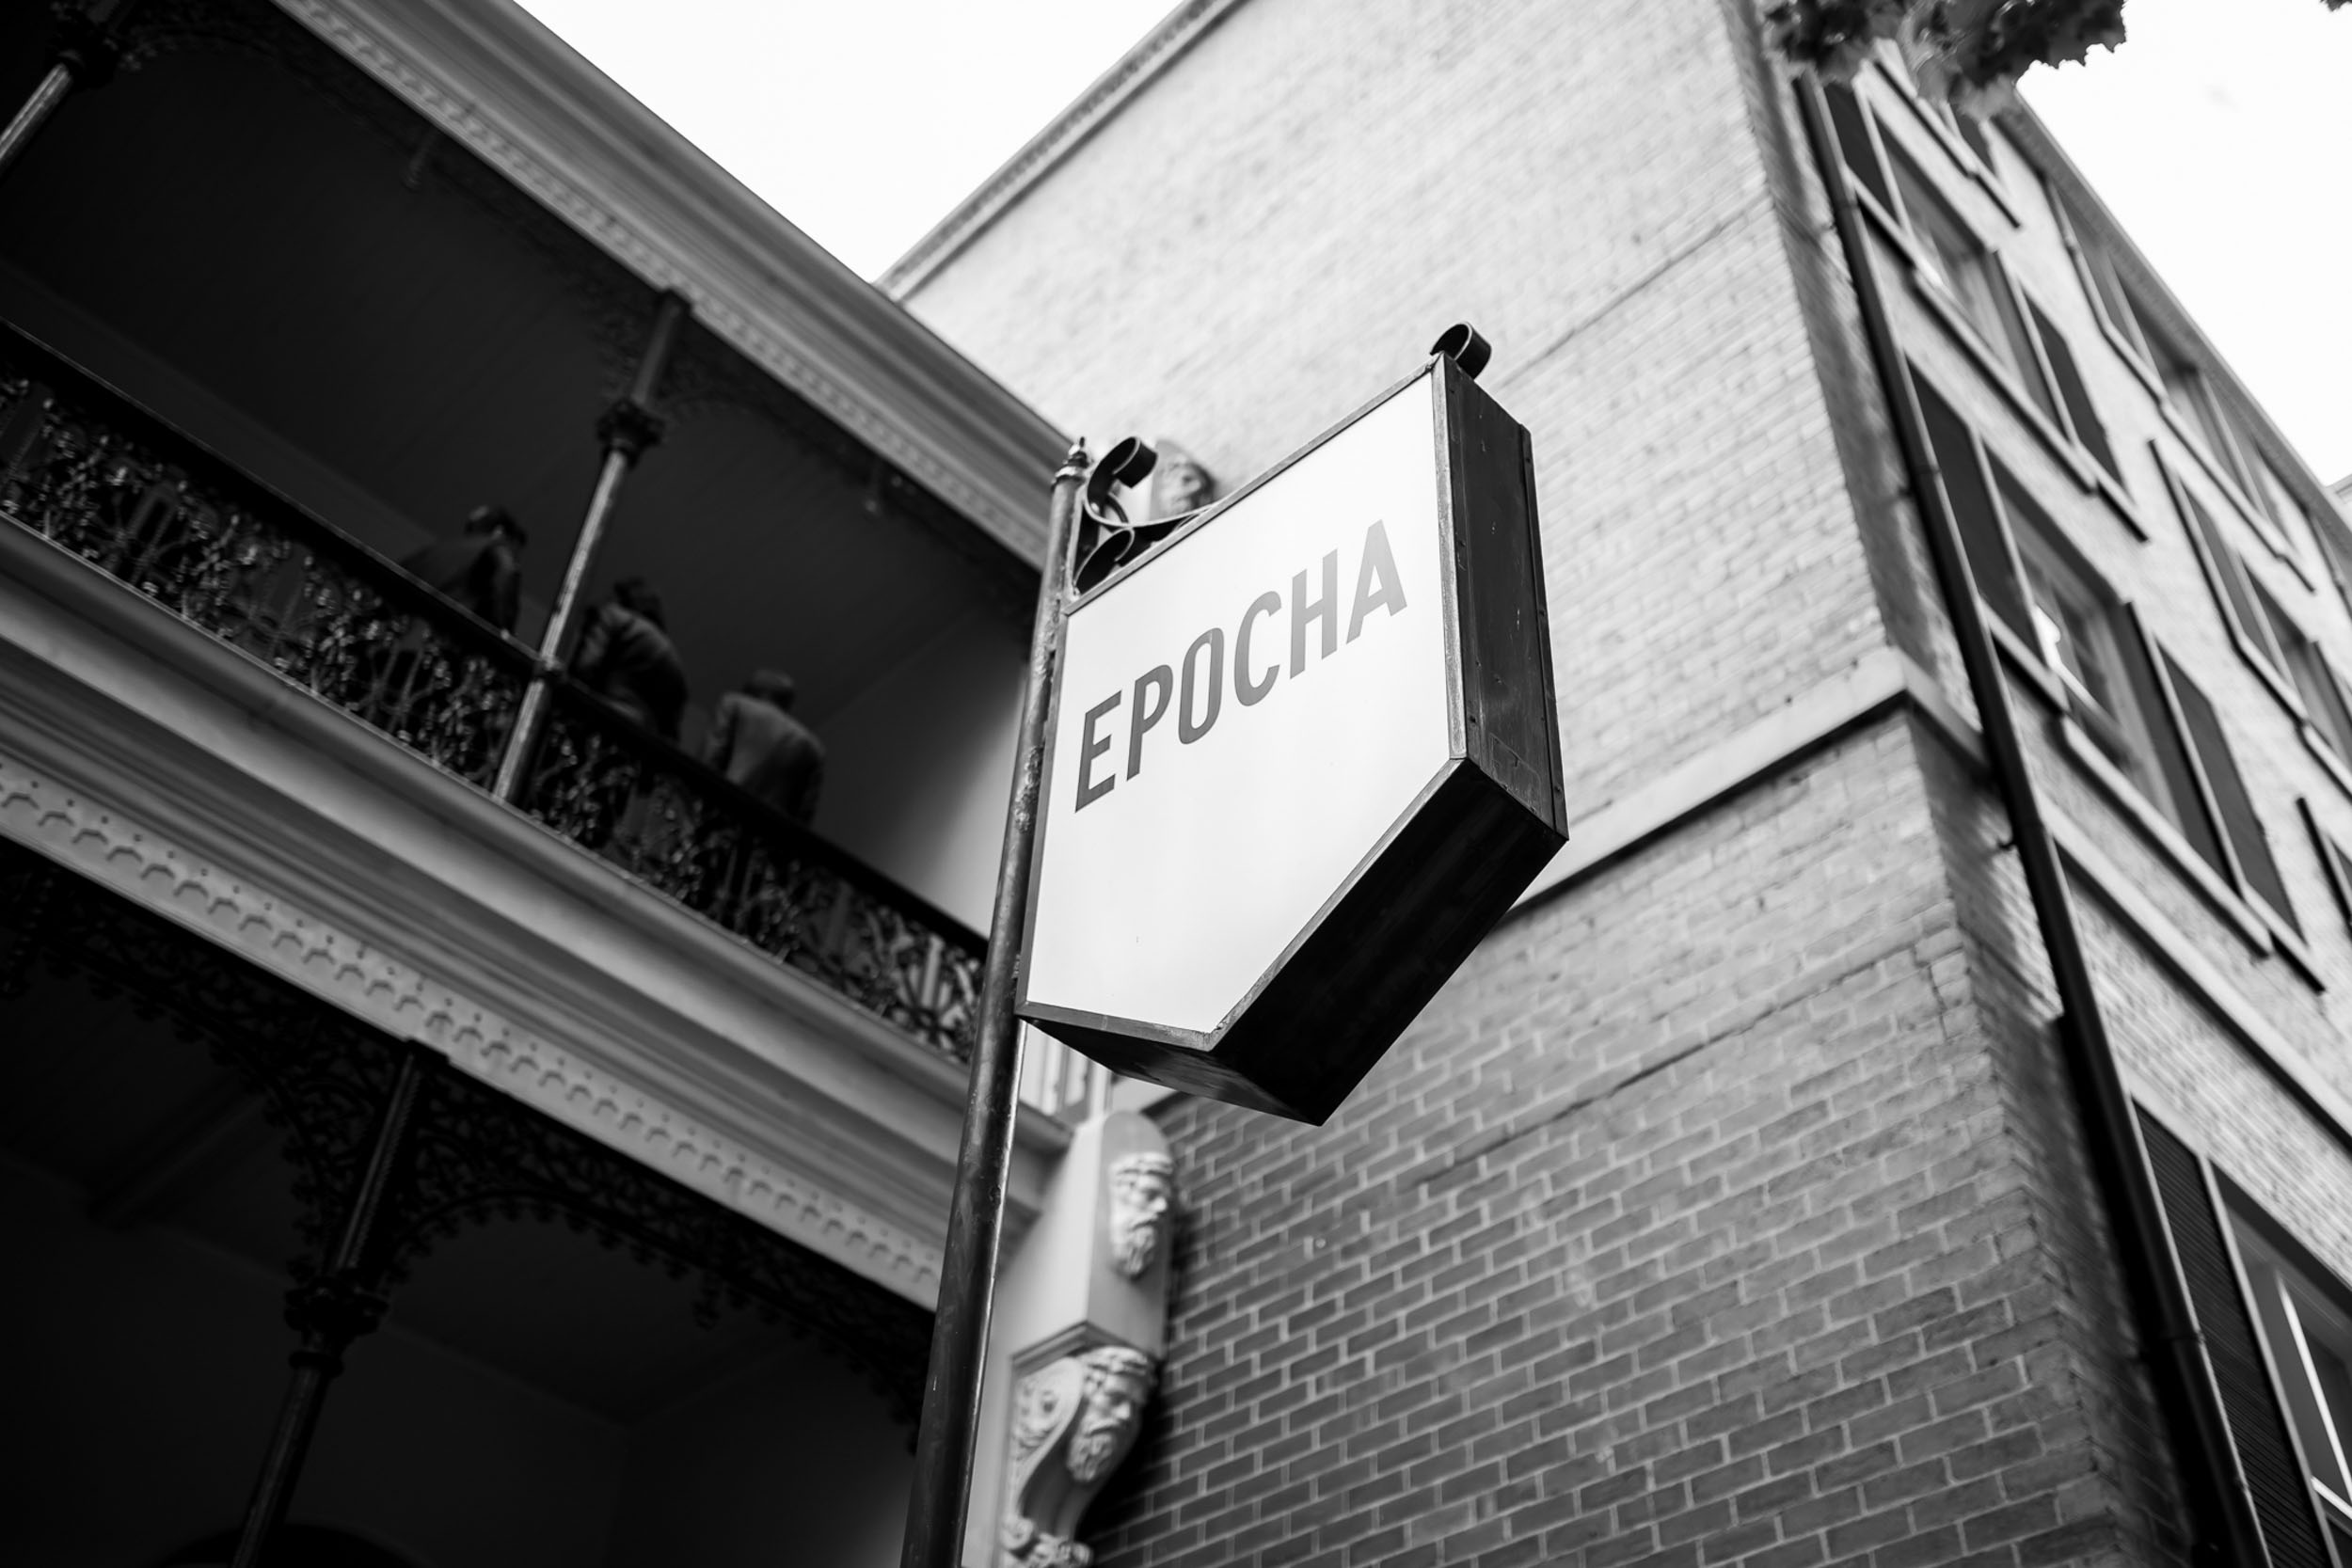 THE VENUE - Epocha Carlton